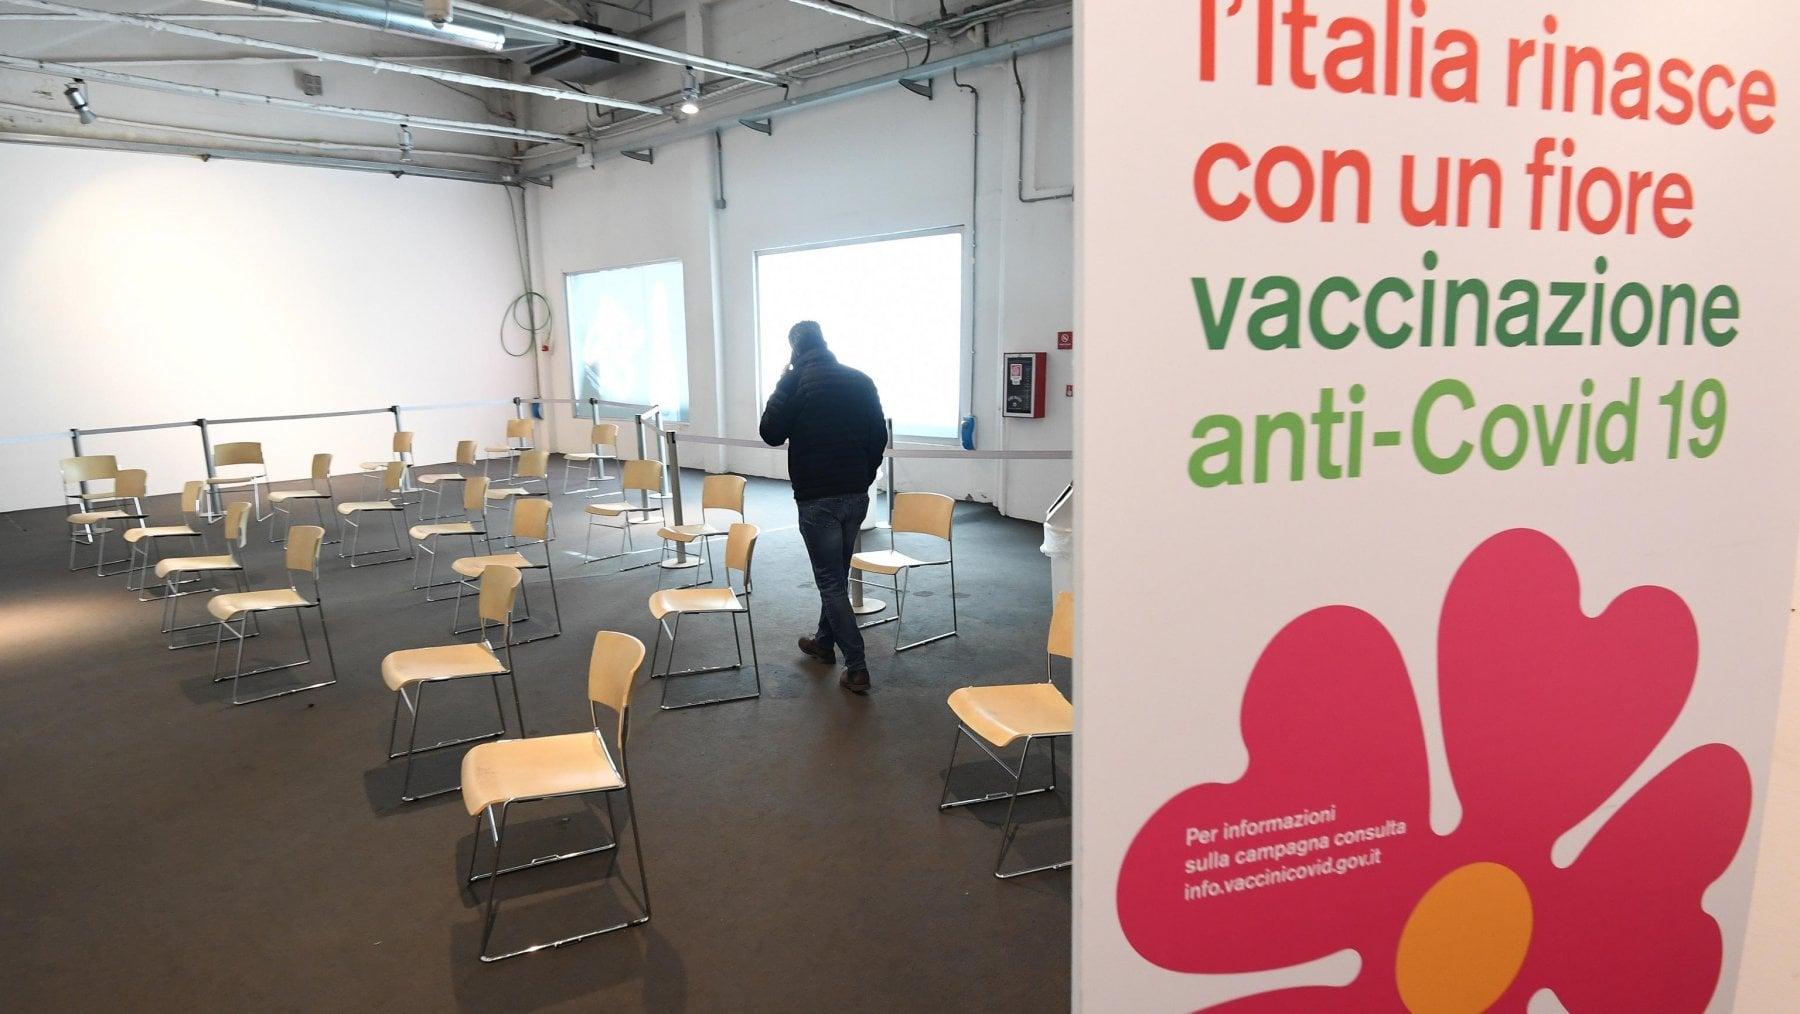 230700643 9312be39 71c9 4d5f 8540 19b24baf82ad - Il vaccino in azienda, ecco come funzionerà: iniezioni in orario di lavoro, adesione volontaria e anonima